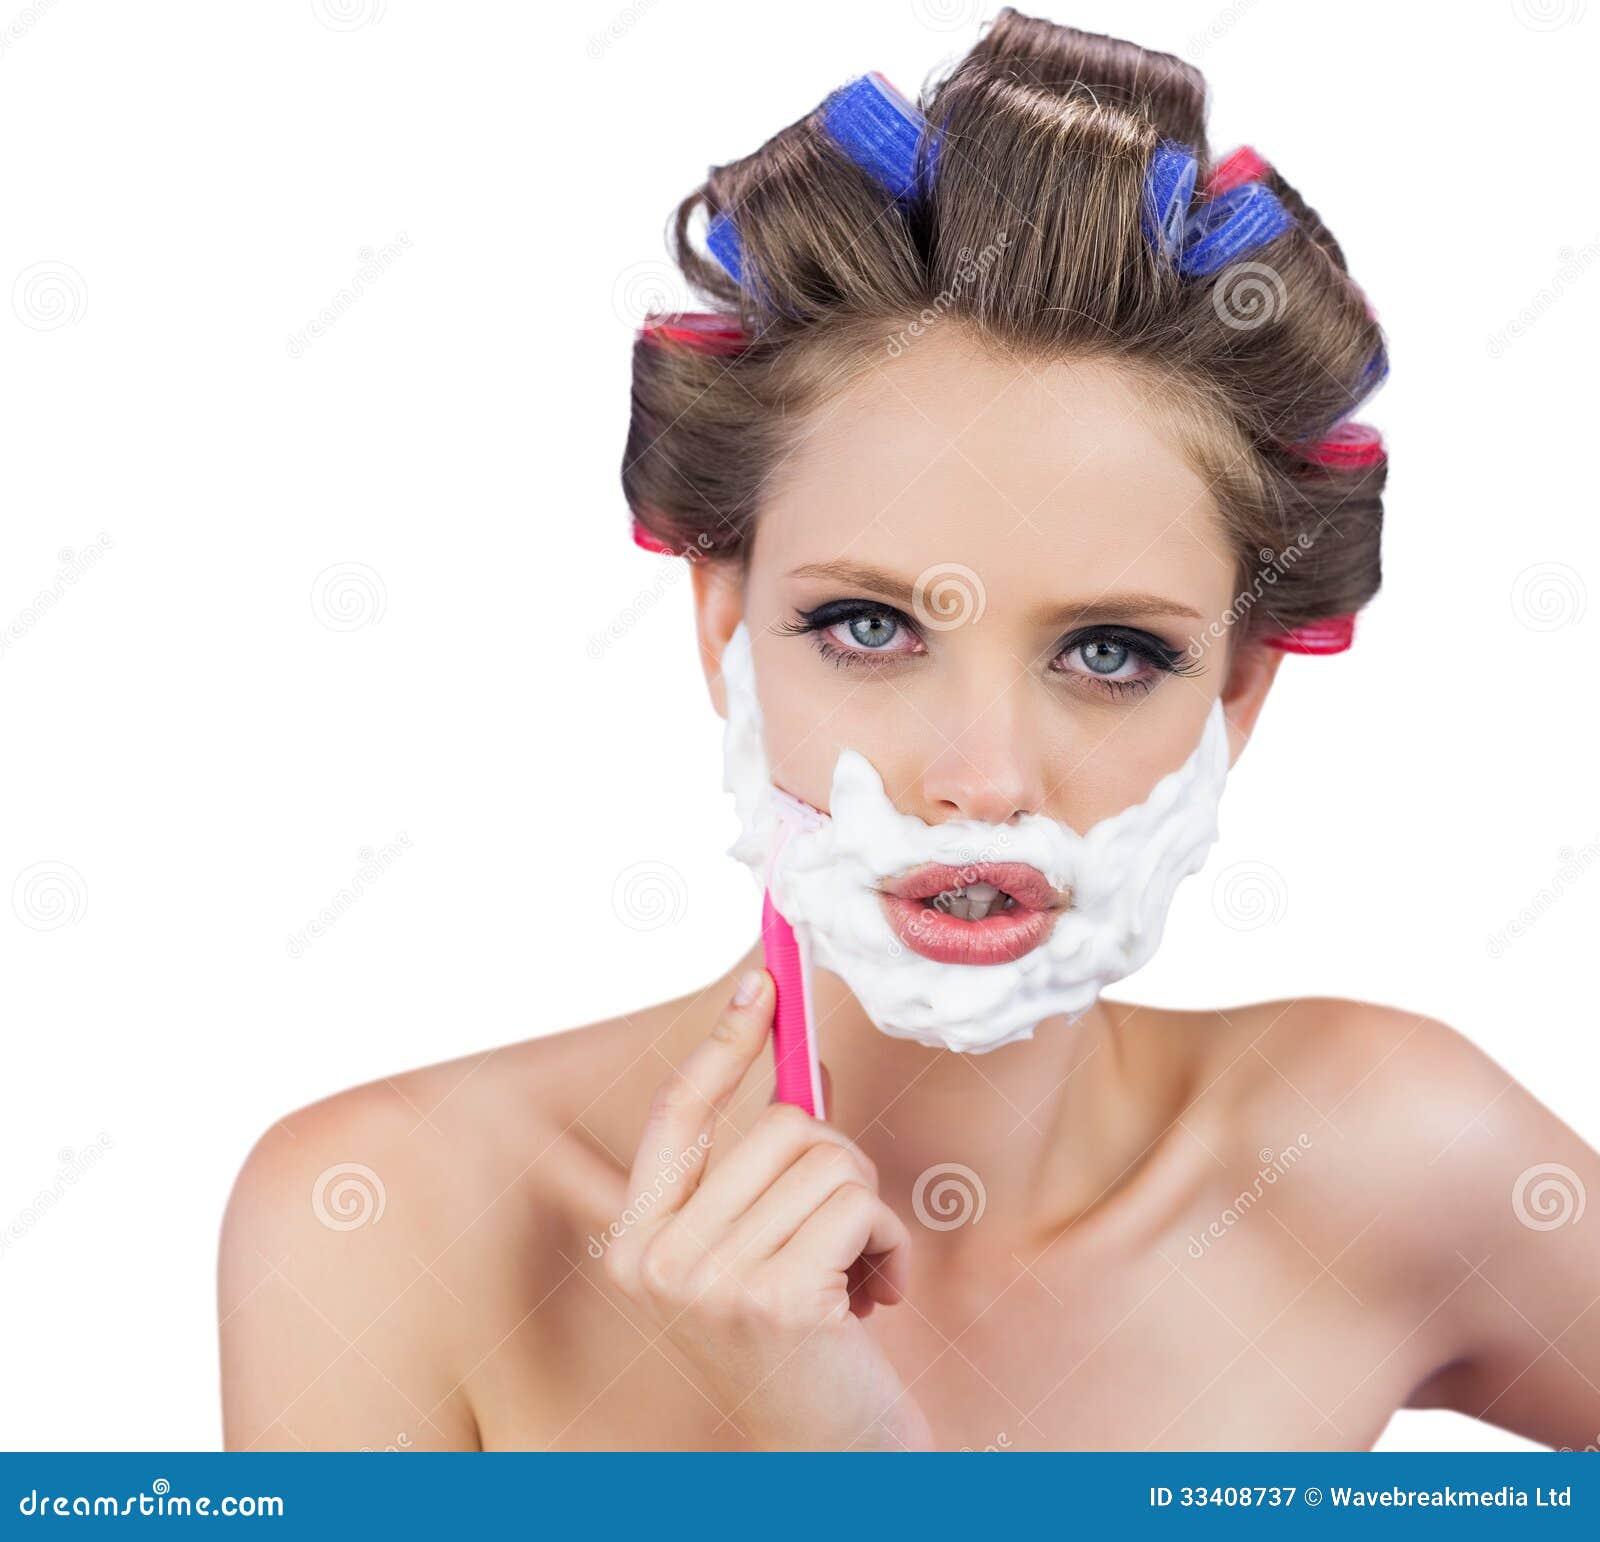 Смотреть как женщина бреется 7 фотография